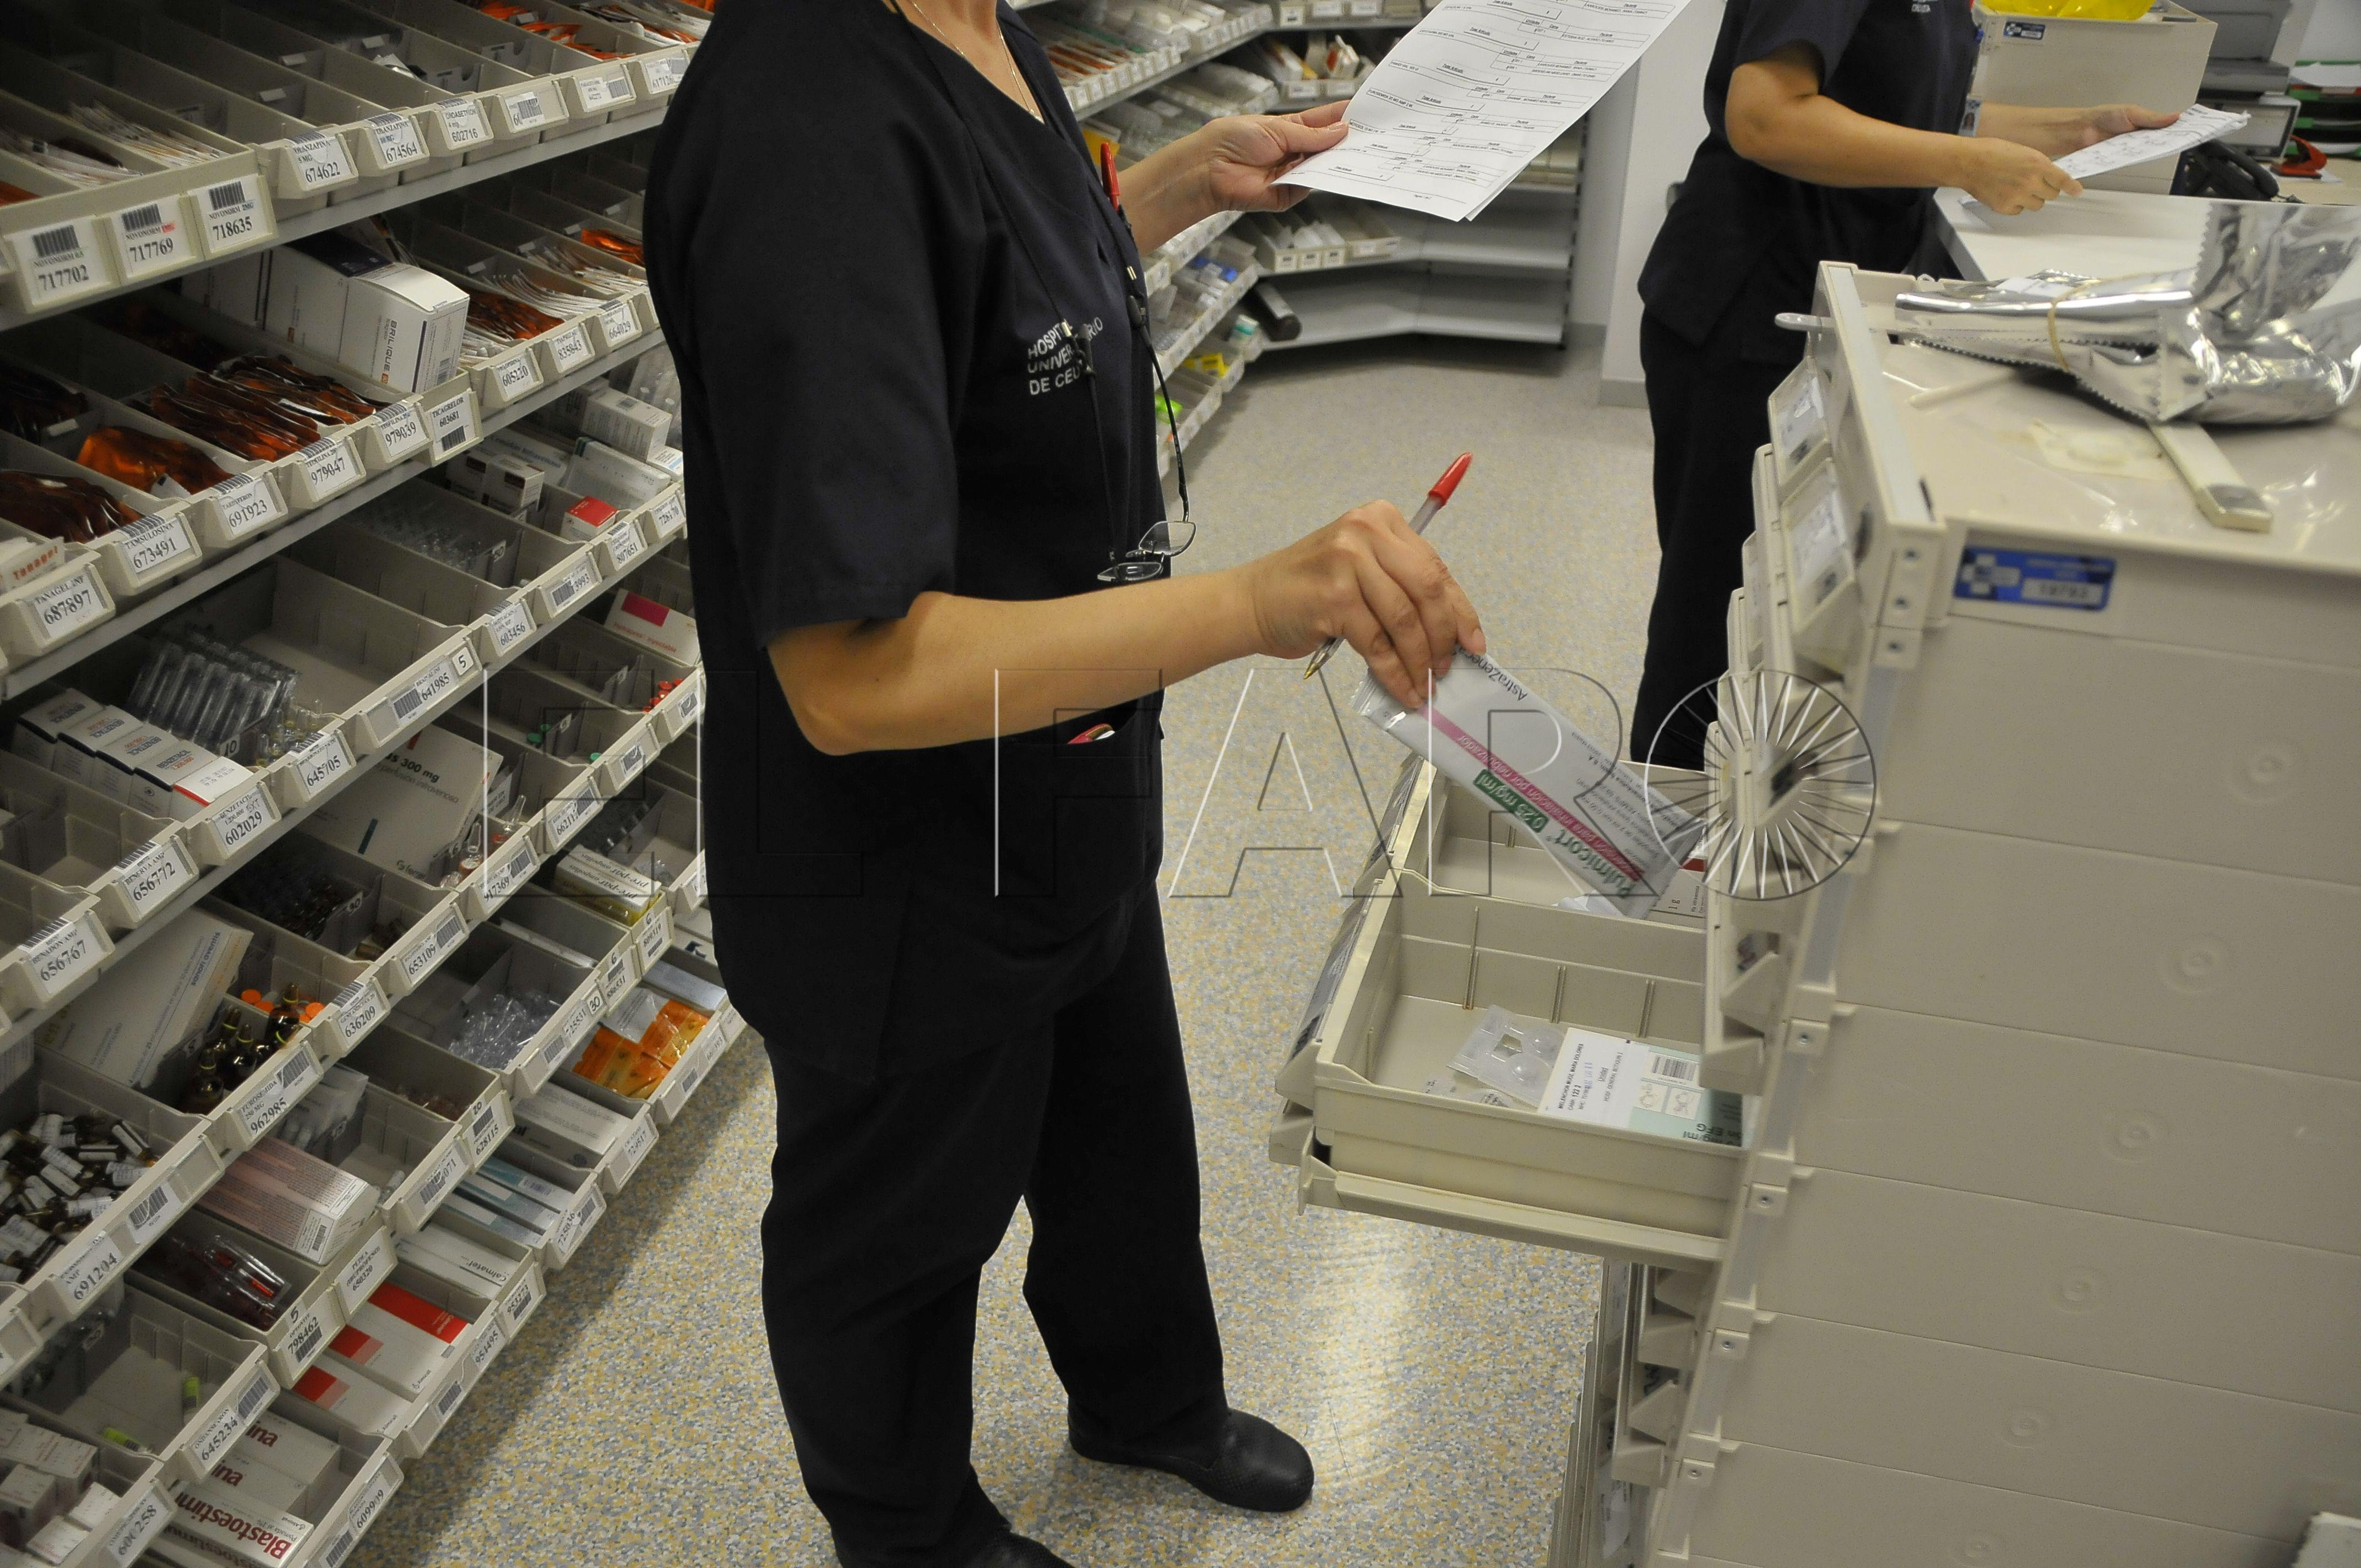 El material de laparoscopias llega a Ceuta al día siguiente de aplazarlas